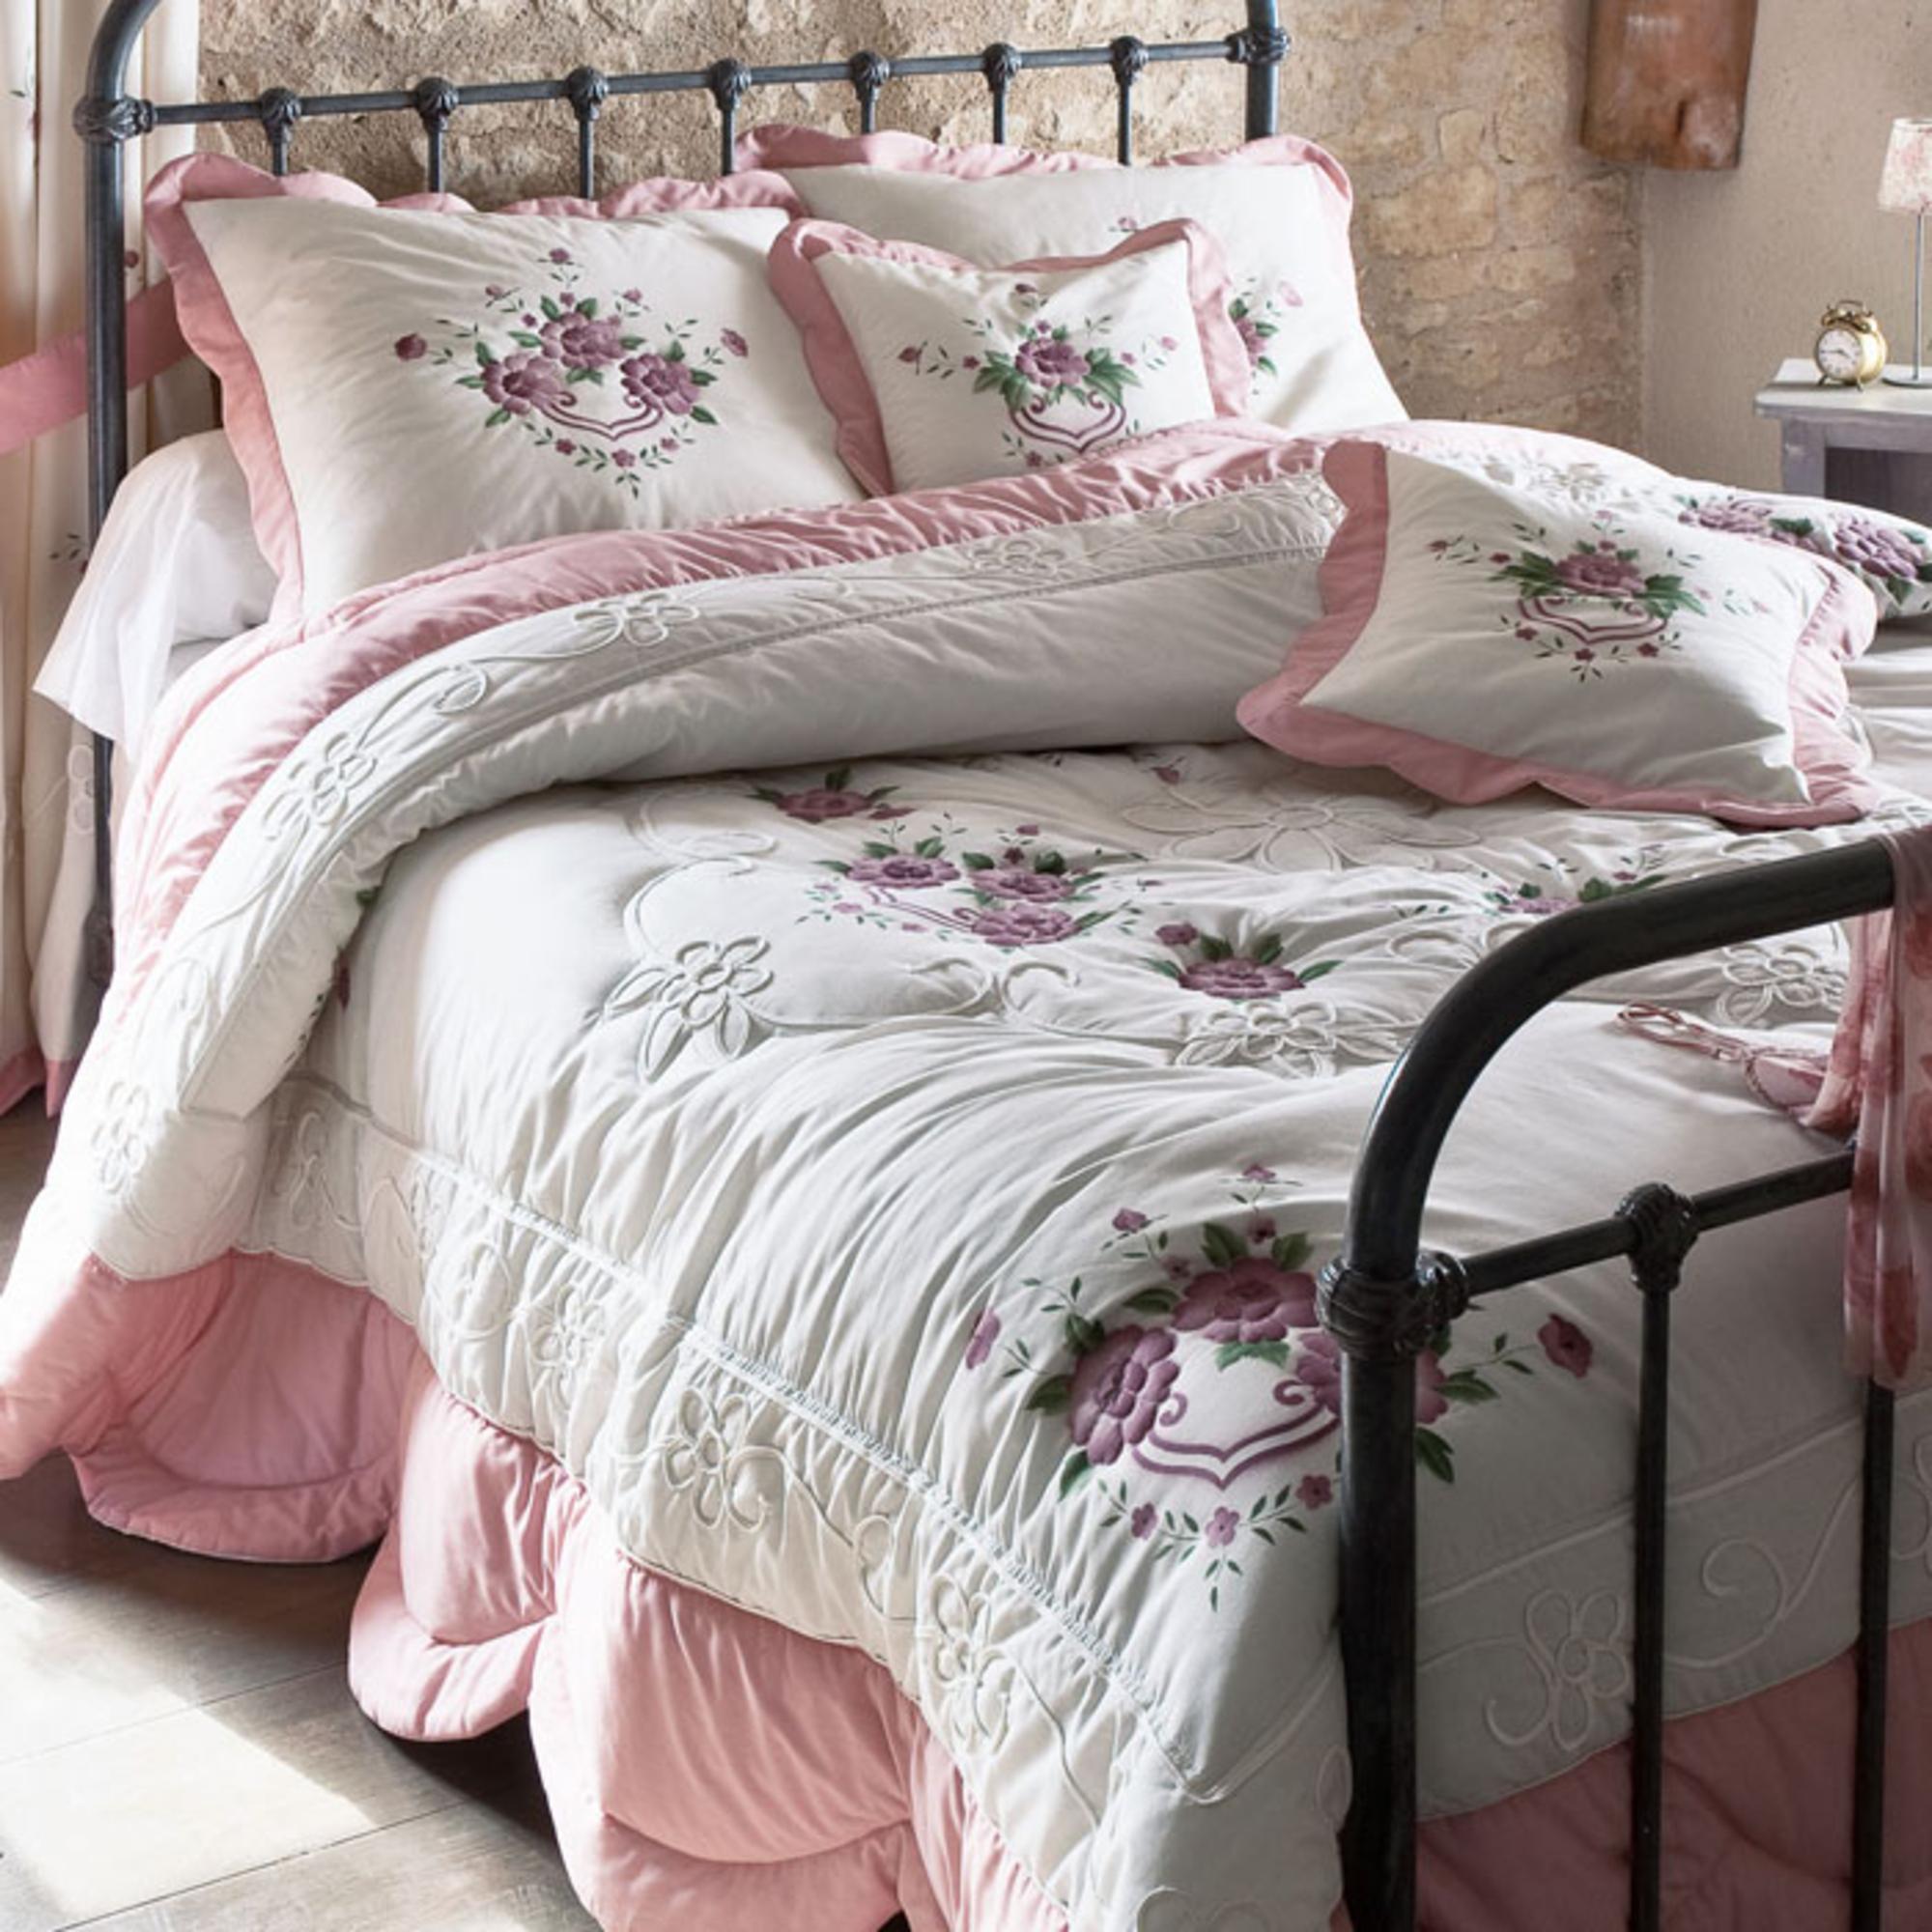 couvre lit romantique 2 volants Casserolier garance   Acheter ce produit au meilleur prix ! couvre lit romantique 2 volants